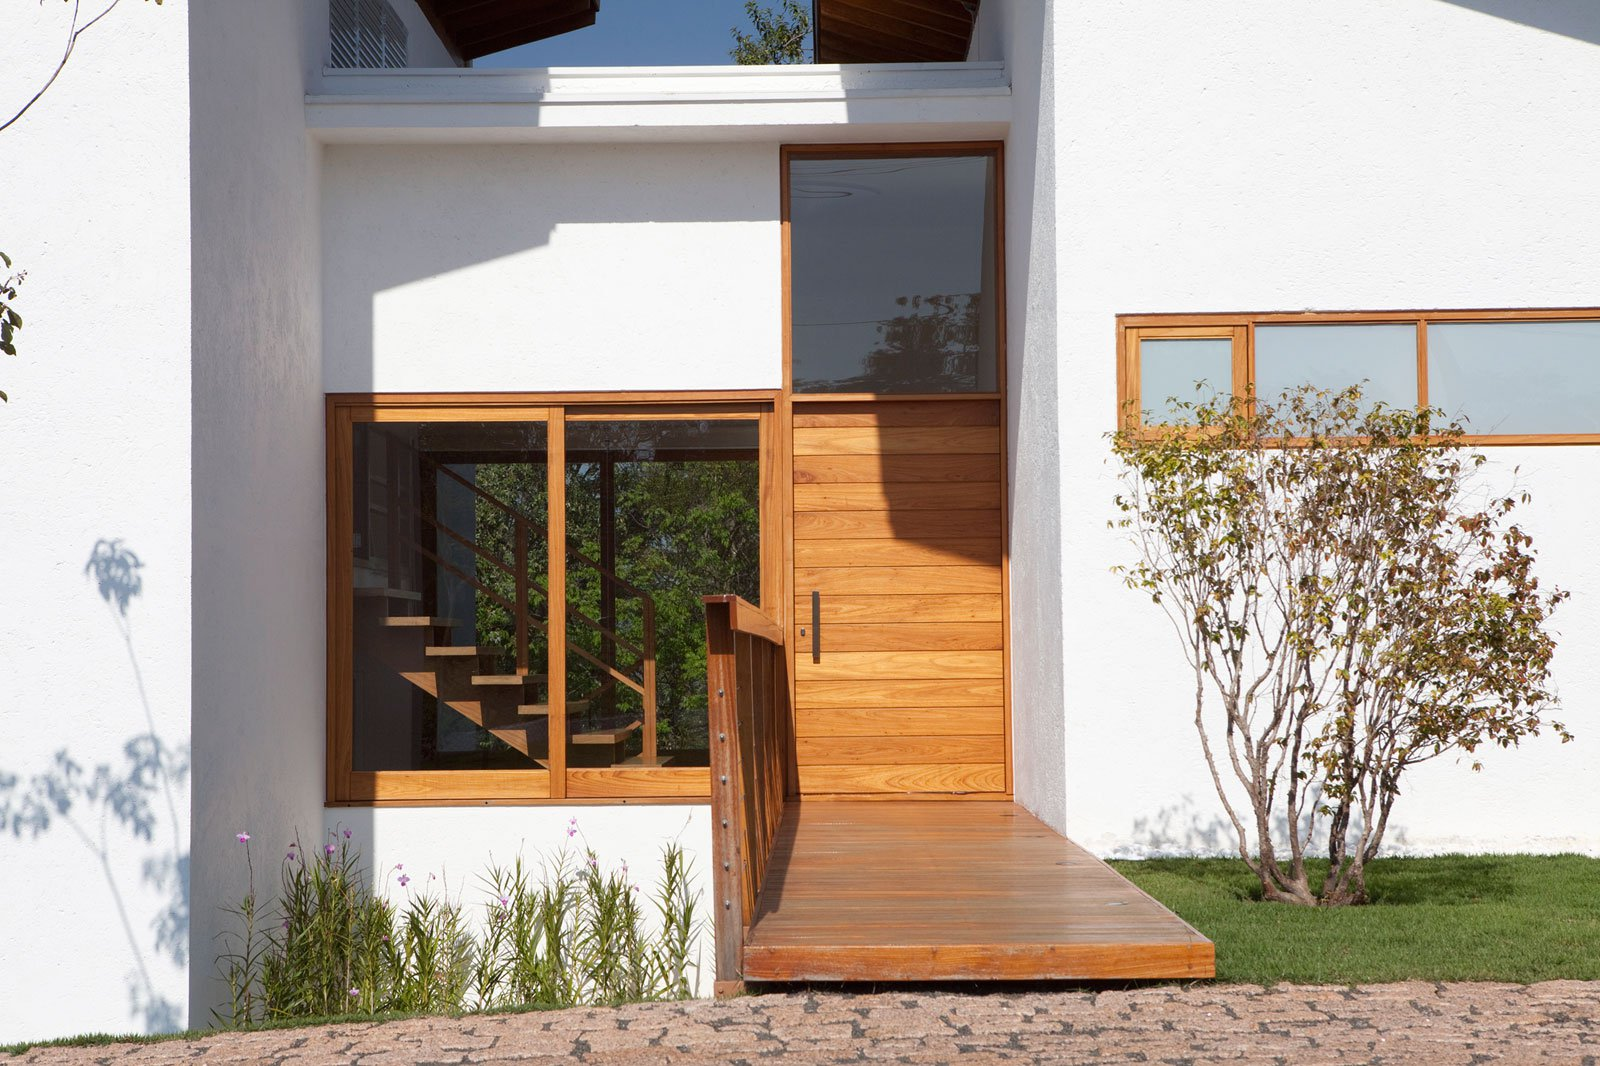 casa de campo de madera y hormig n de 280 metros cuadrados